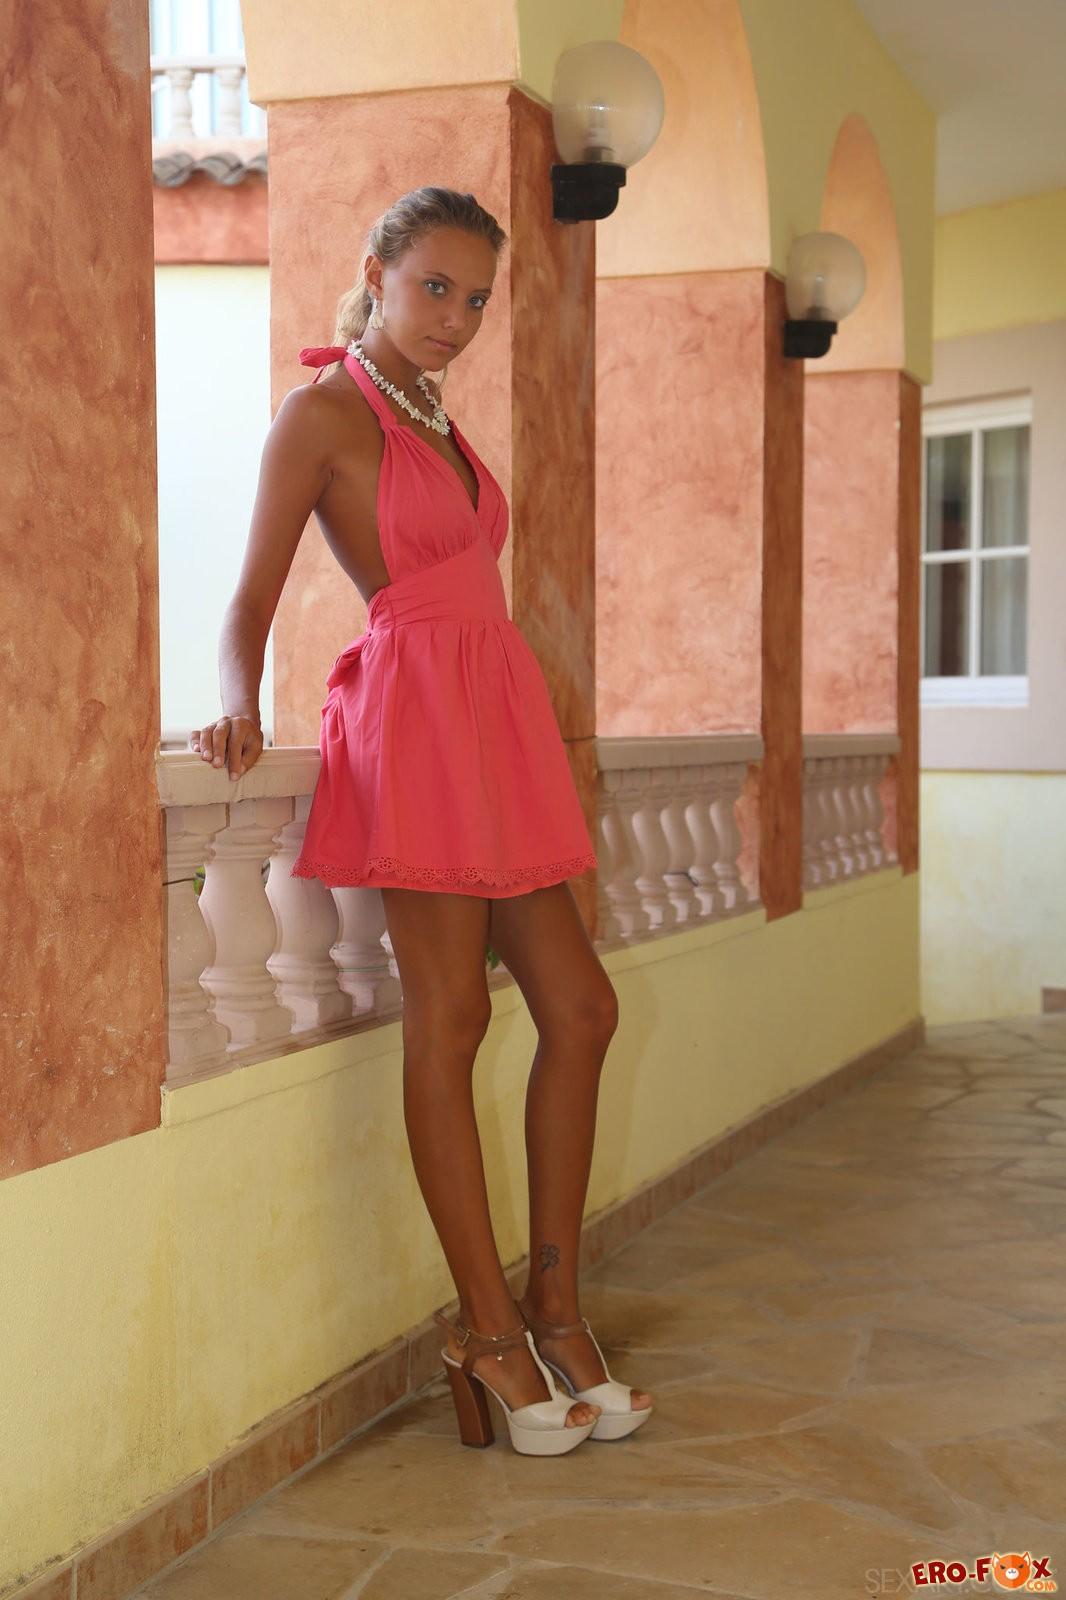 Красотка гуляет без трусиков под платьем